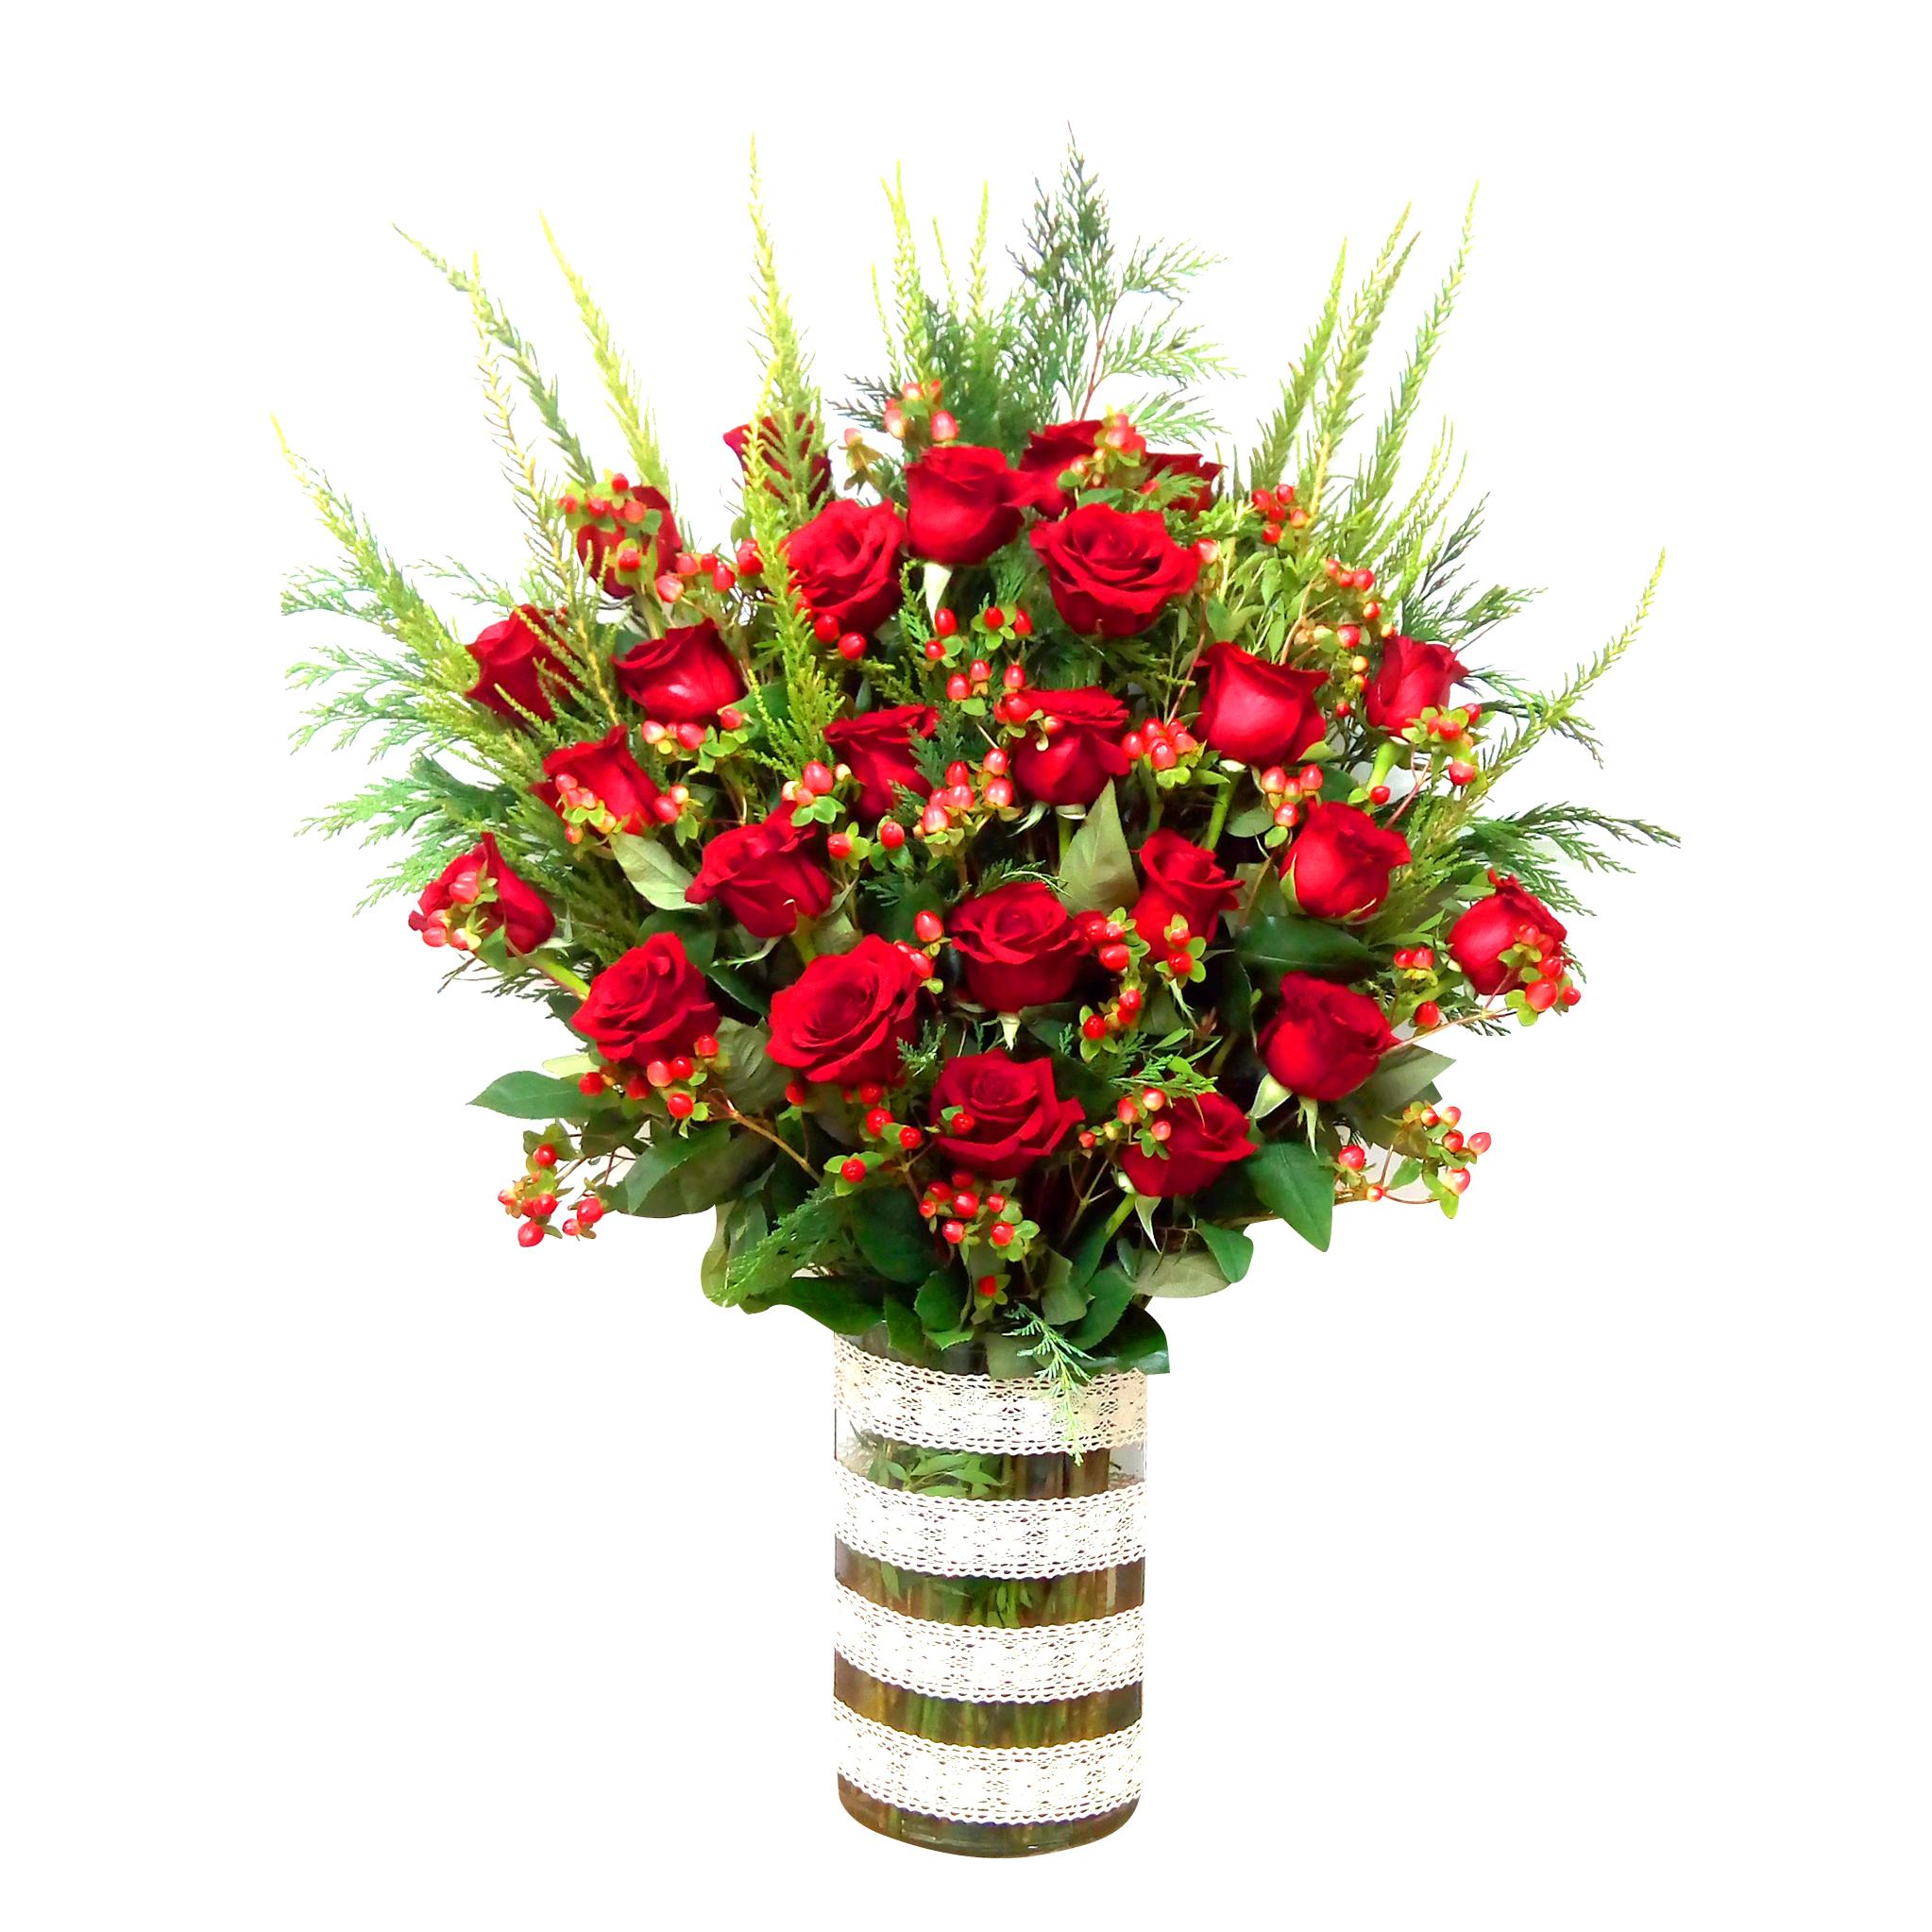 Floreros de Rosas Rojas mas Hypericum